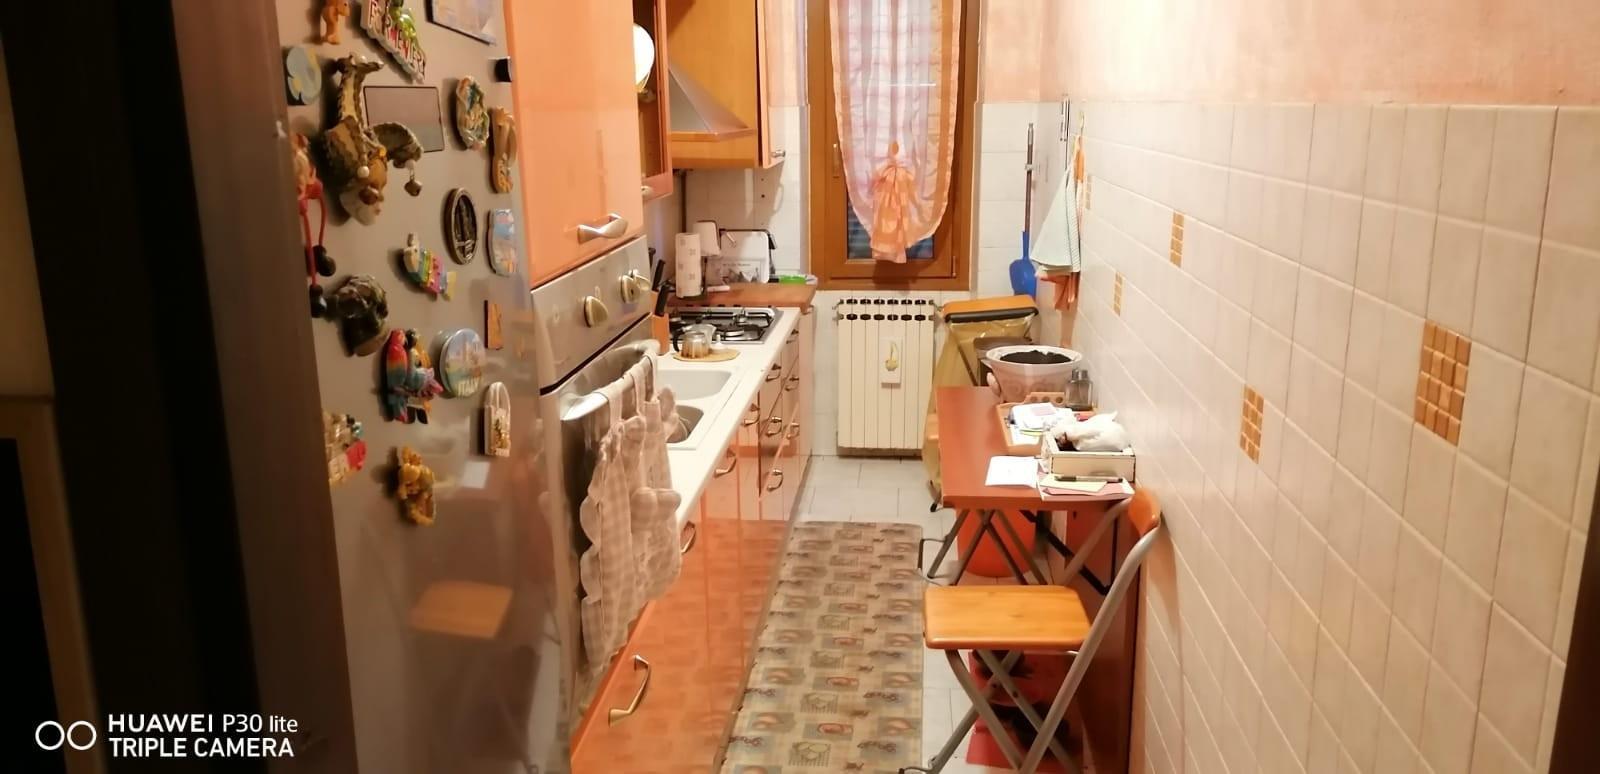 Foto 5 - Appartamento in Vendita - Lissone (Monza e Brianza)